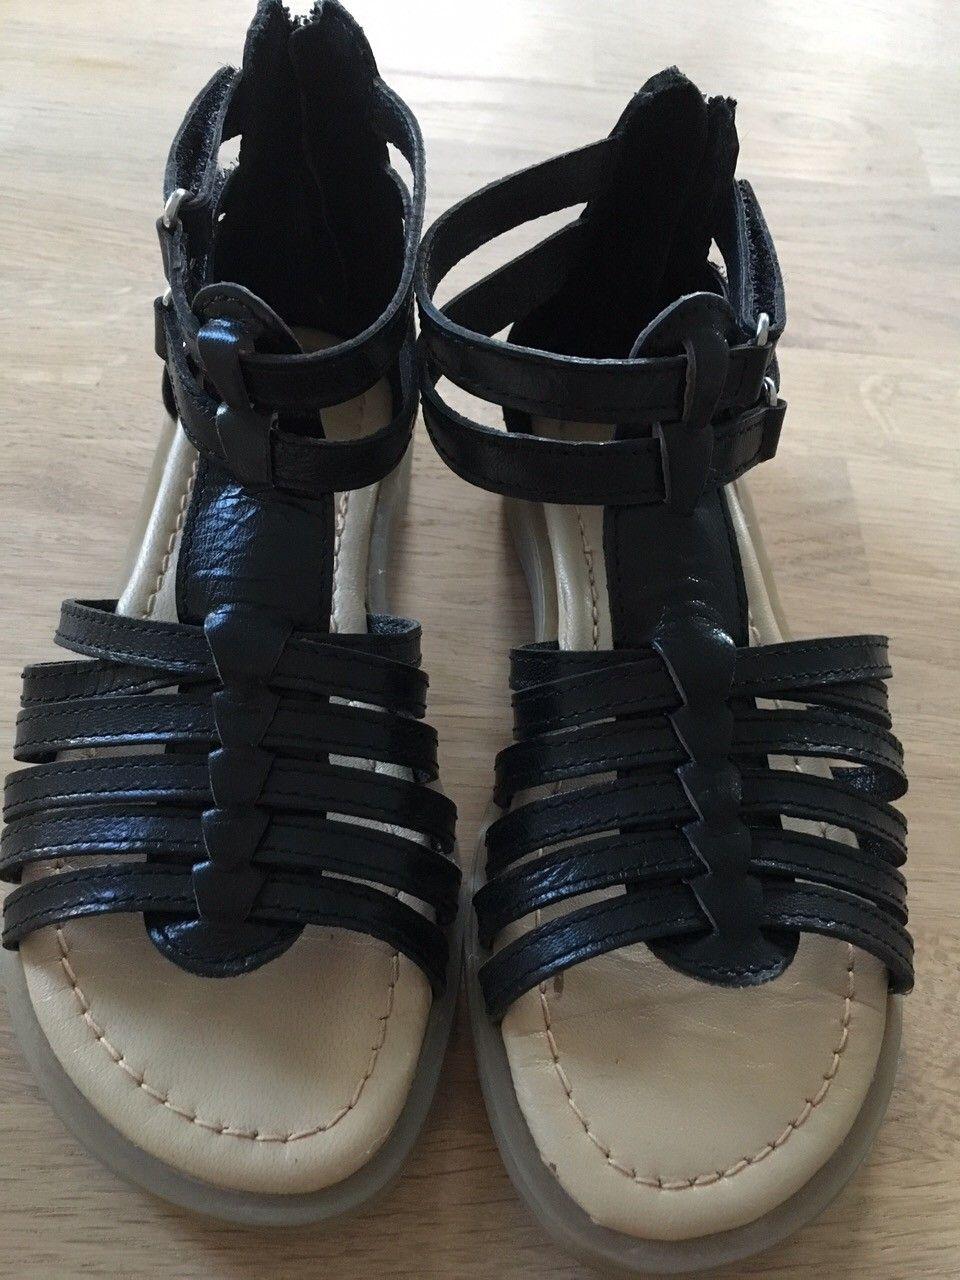 Sandal str 30 - Tiller  - Sort sandal str 30, fra Falkanger. Nesten ikke brukt, ser ut som nye. Borrelås-lukking på siden, i tillegg til glidelås-lukking bak. Kan sendes mot at kjøper betaler porto. - Tiller